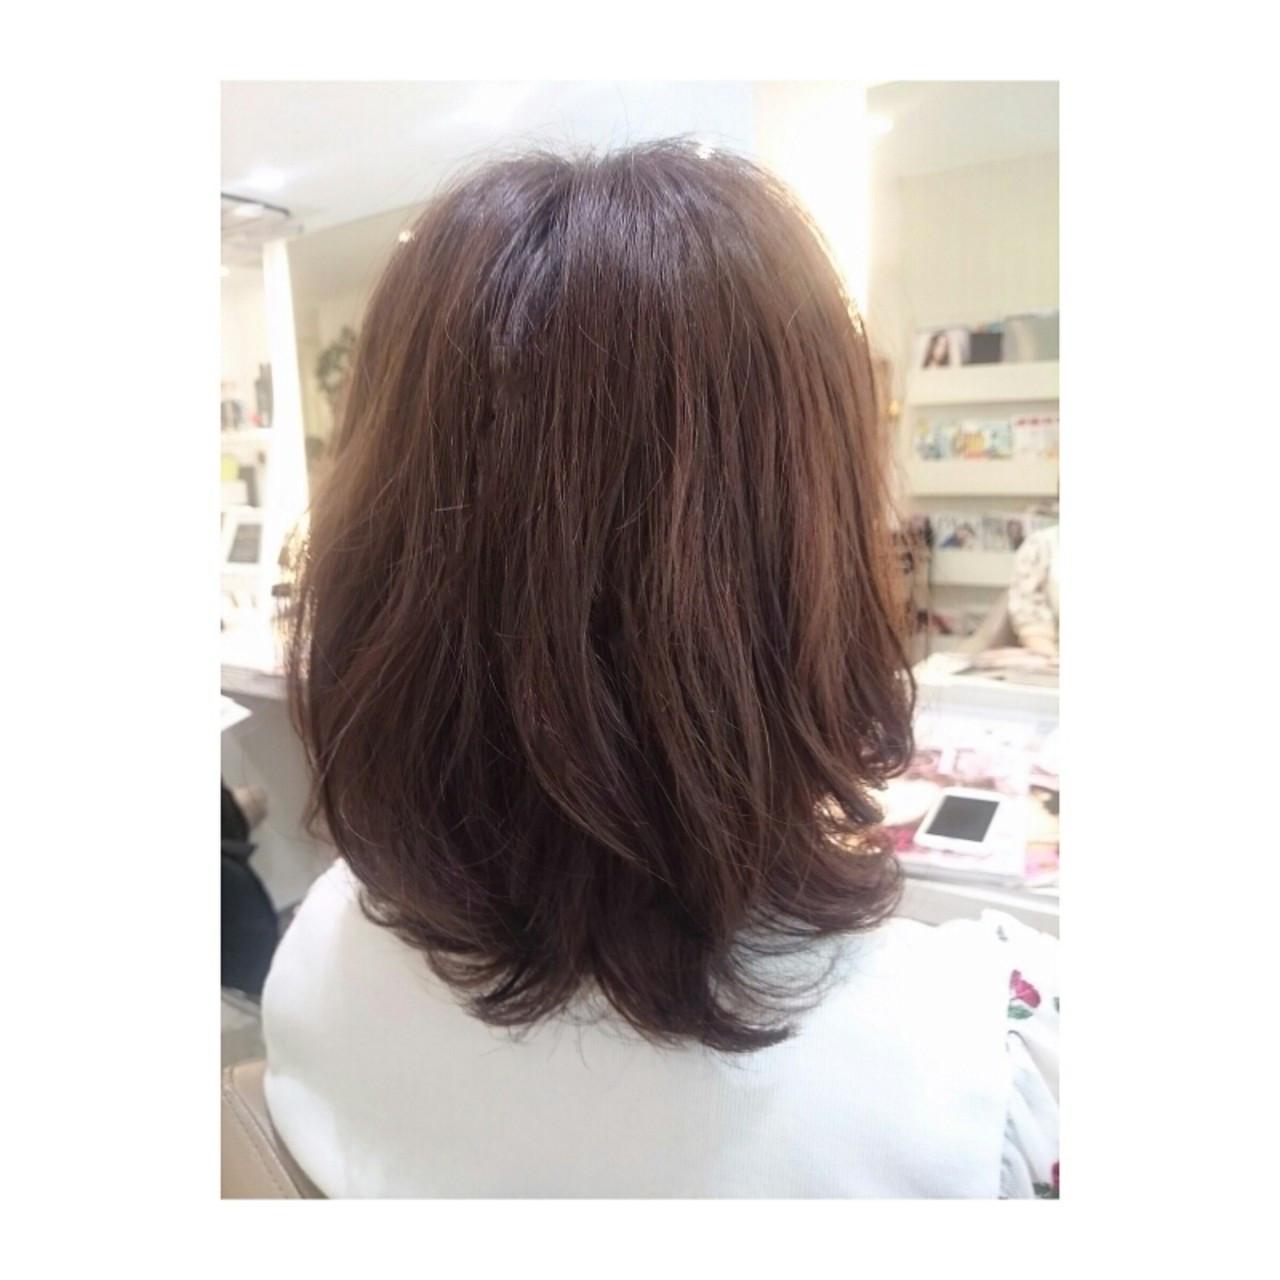 髪色は赤みのかかったアッシュ系をオーダー♪ Subaru Yasui Ash omiya